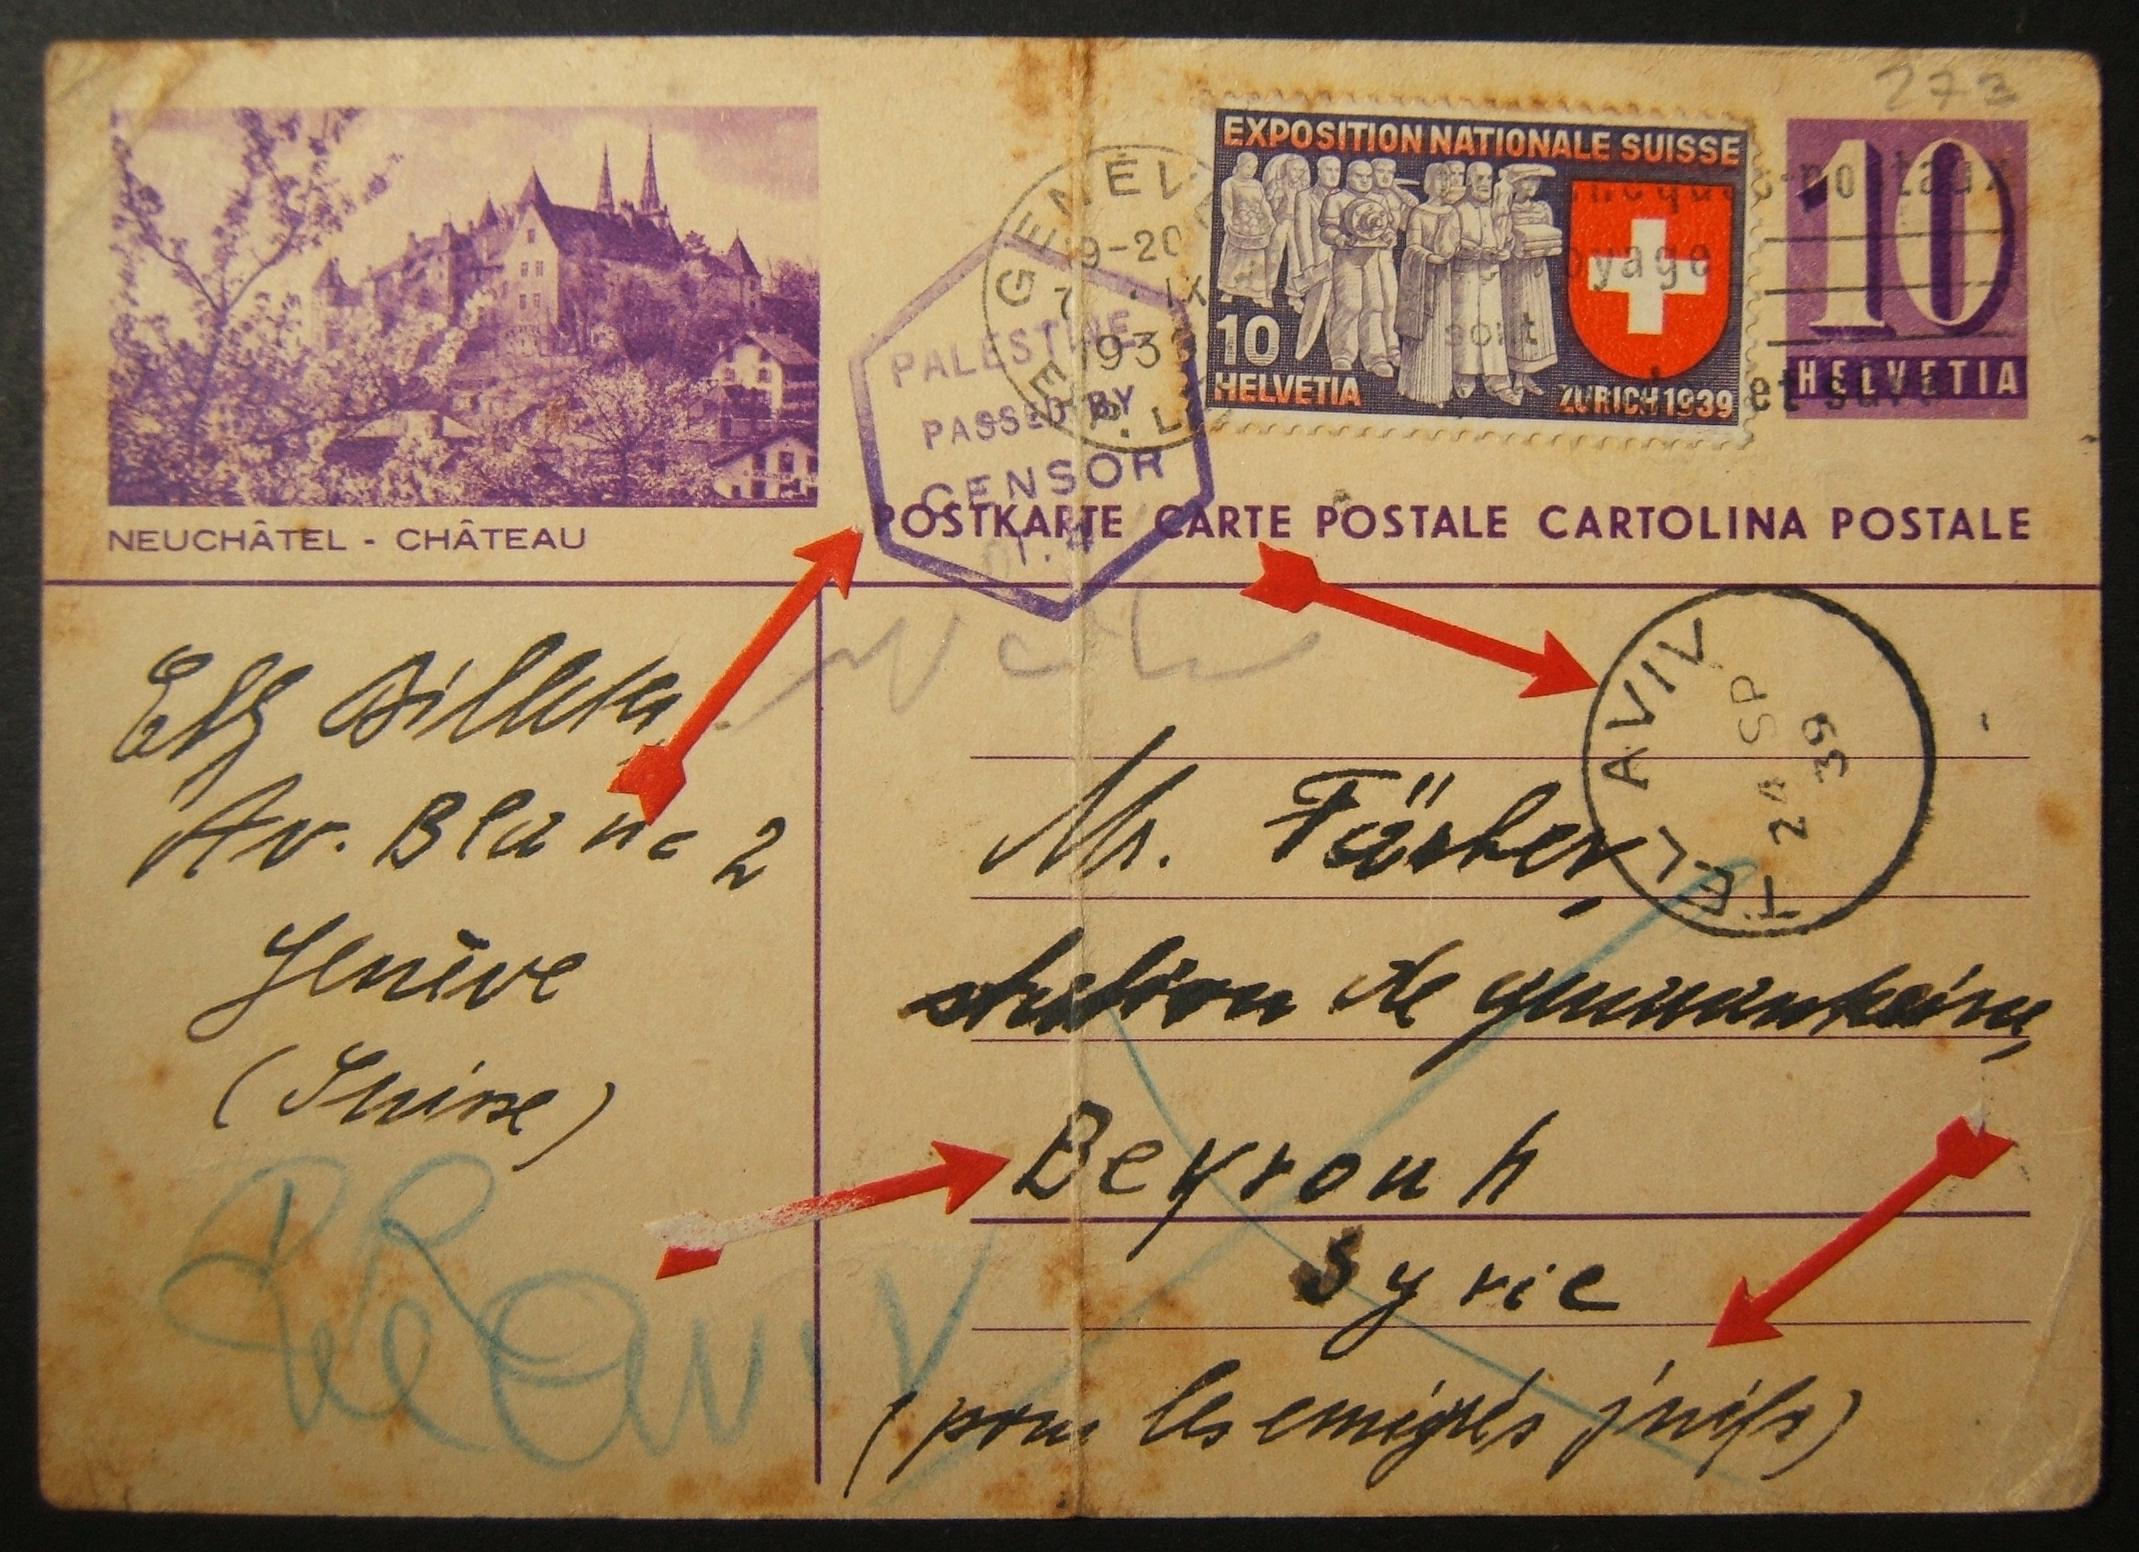 7-09-1939 بدء الحرب العالمية الثانية للبريد الجوي اليهودي من جنيف إلى بيروت ، أعيد توجيهها إلى تل أبيب